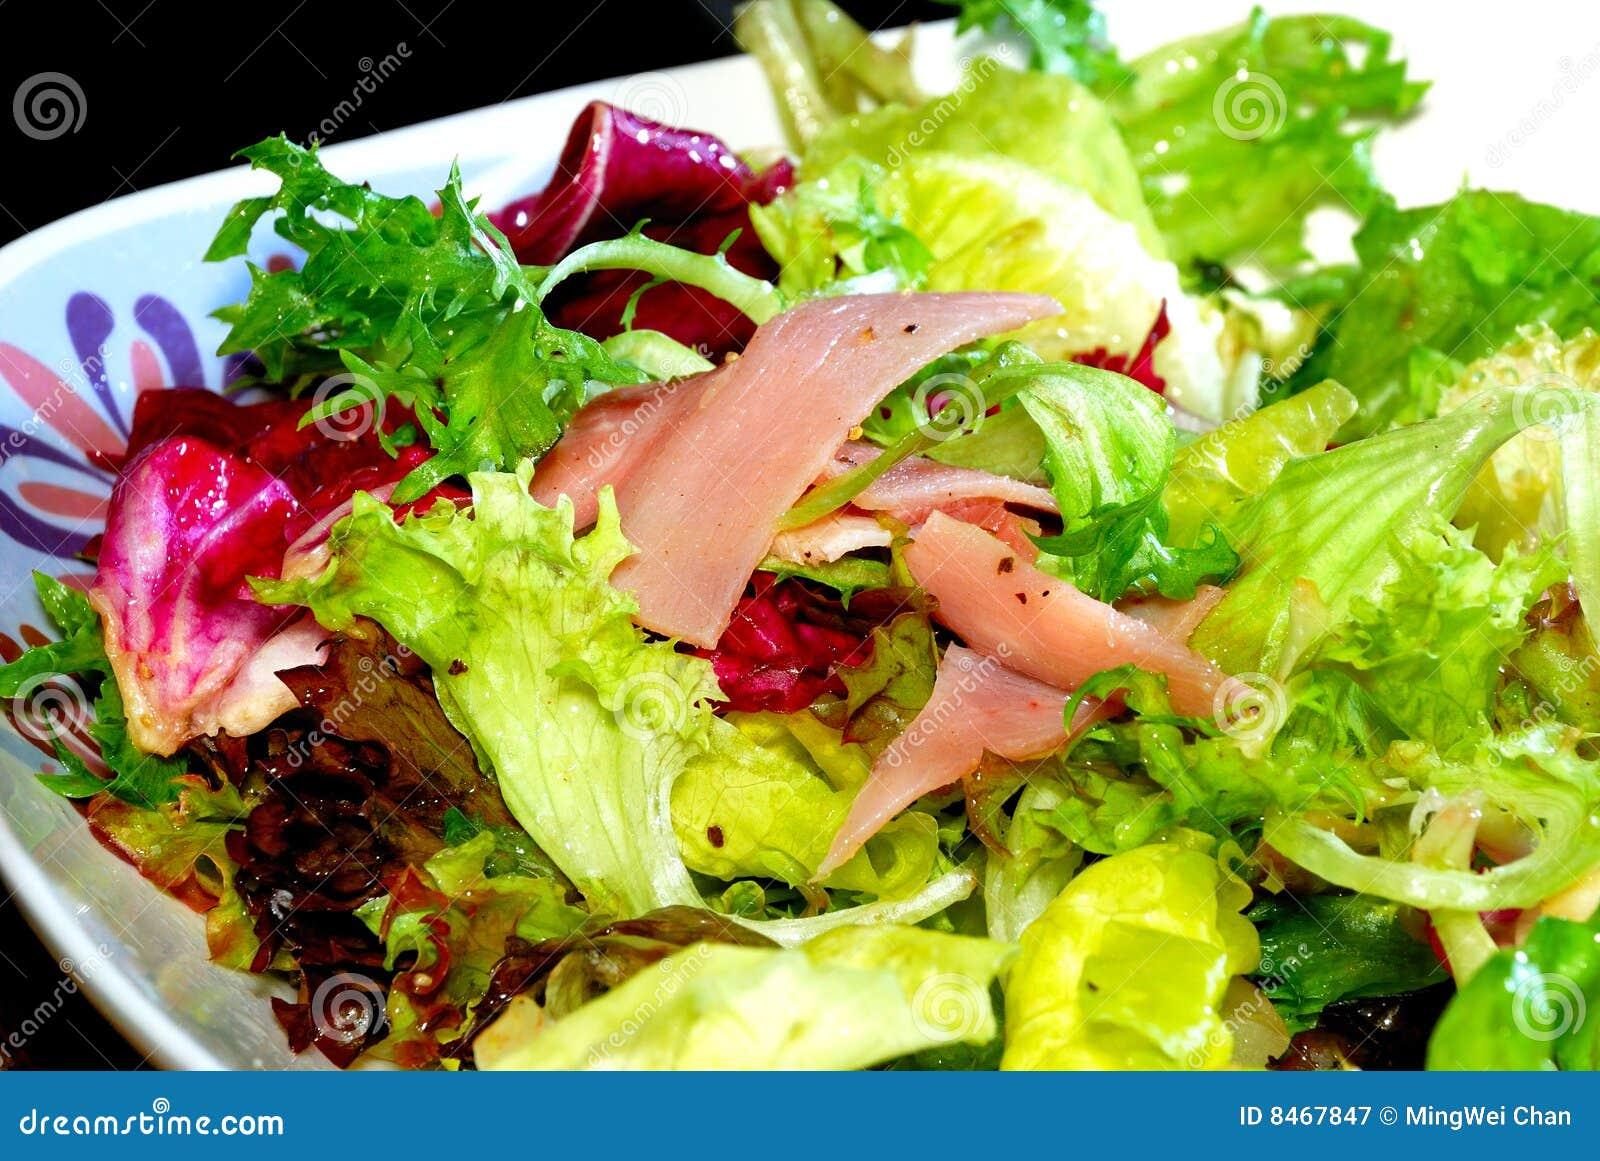 Vegetable Salad Series 1